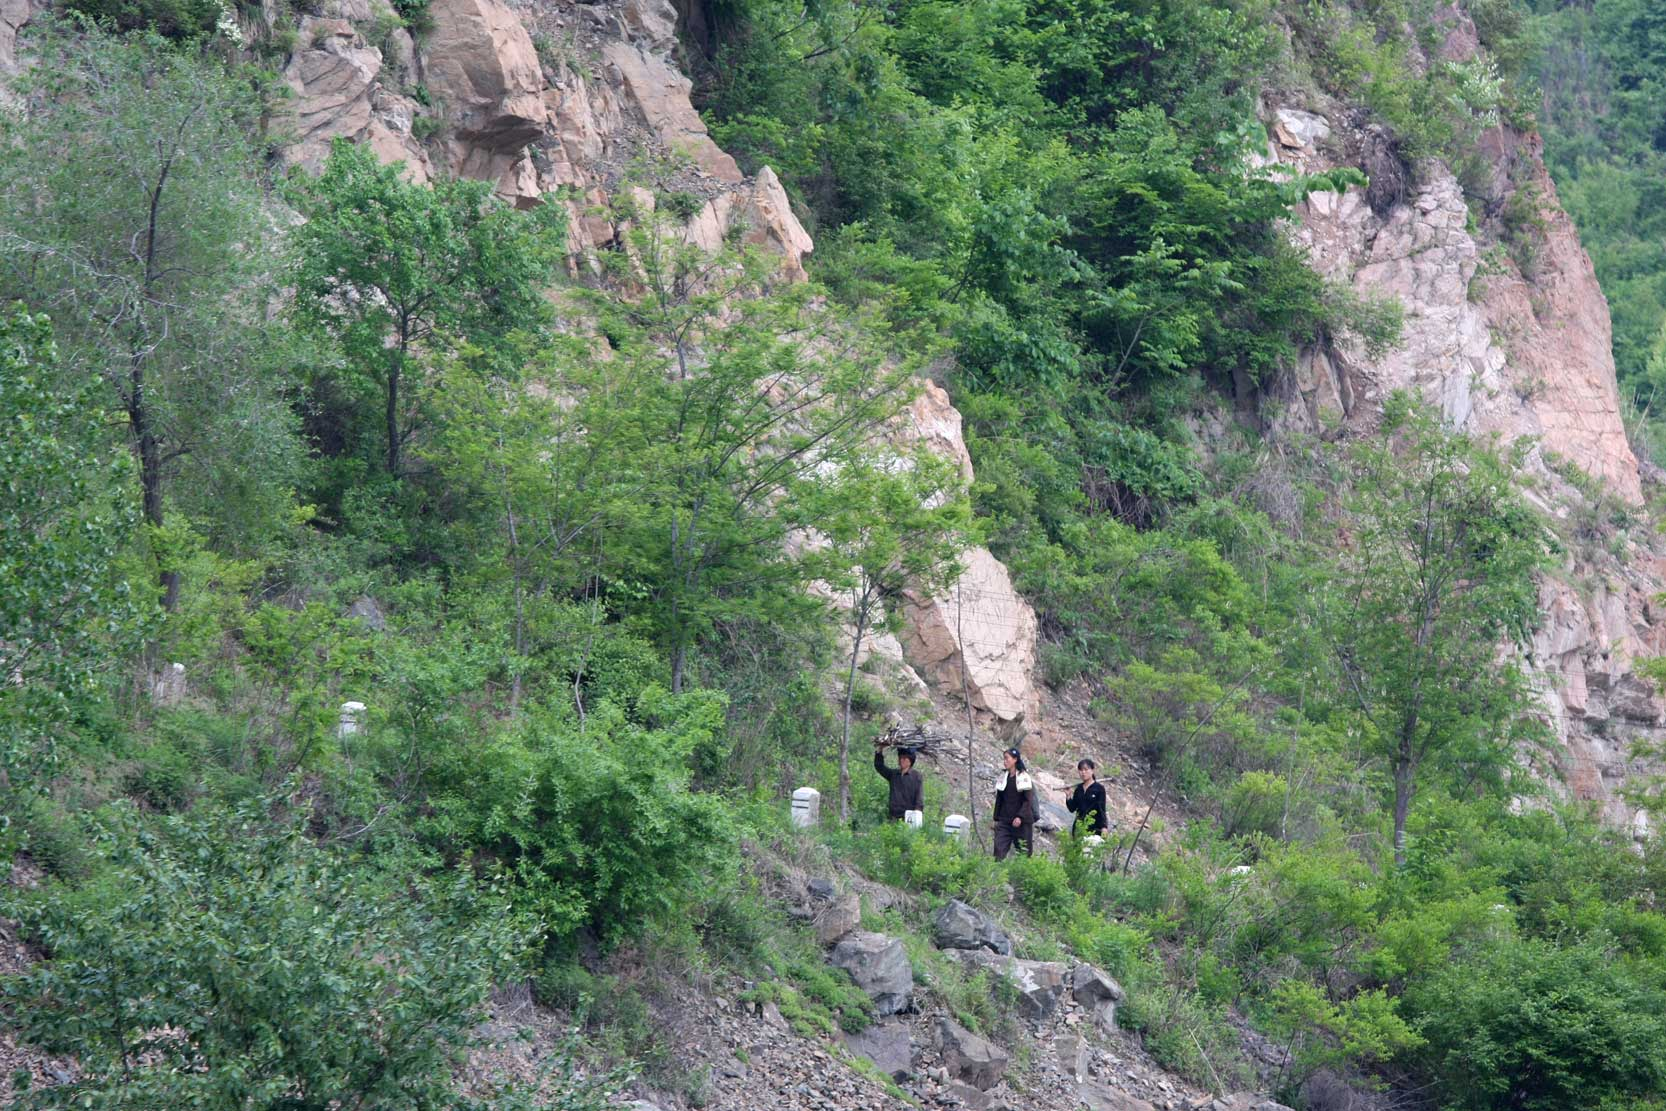 世界遺産のまち、集安~のどかな鴨緑江沿いの風景_b0235153_13263834.jpg